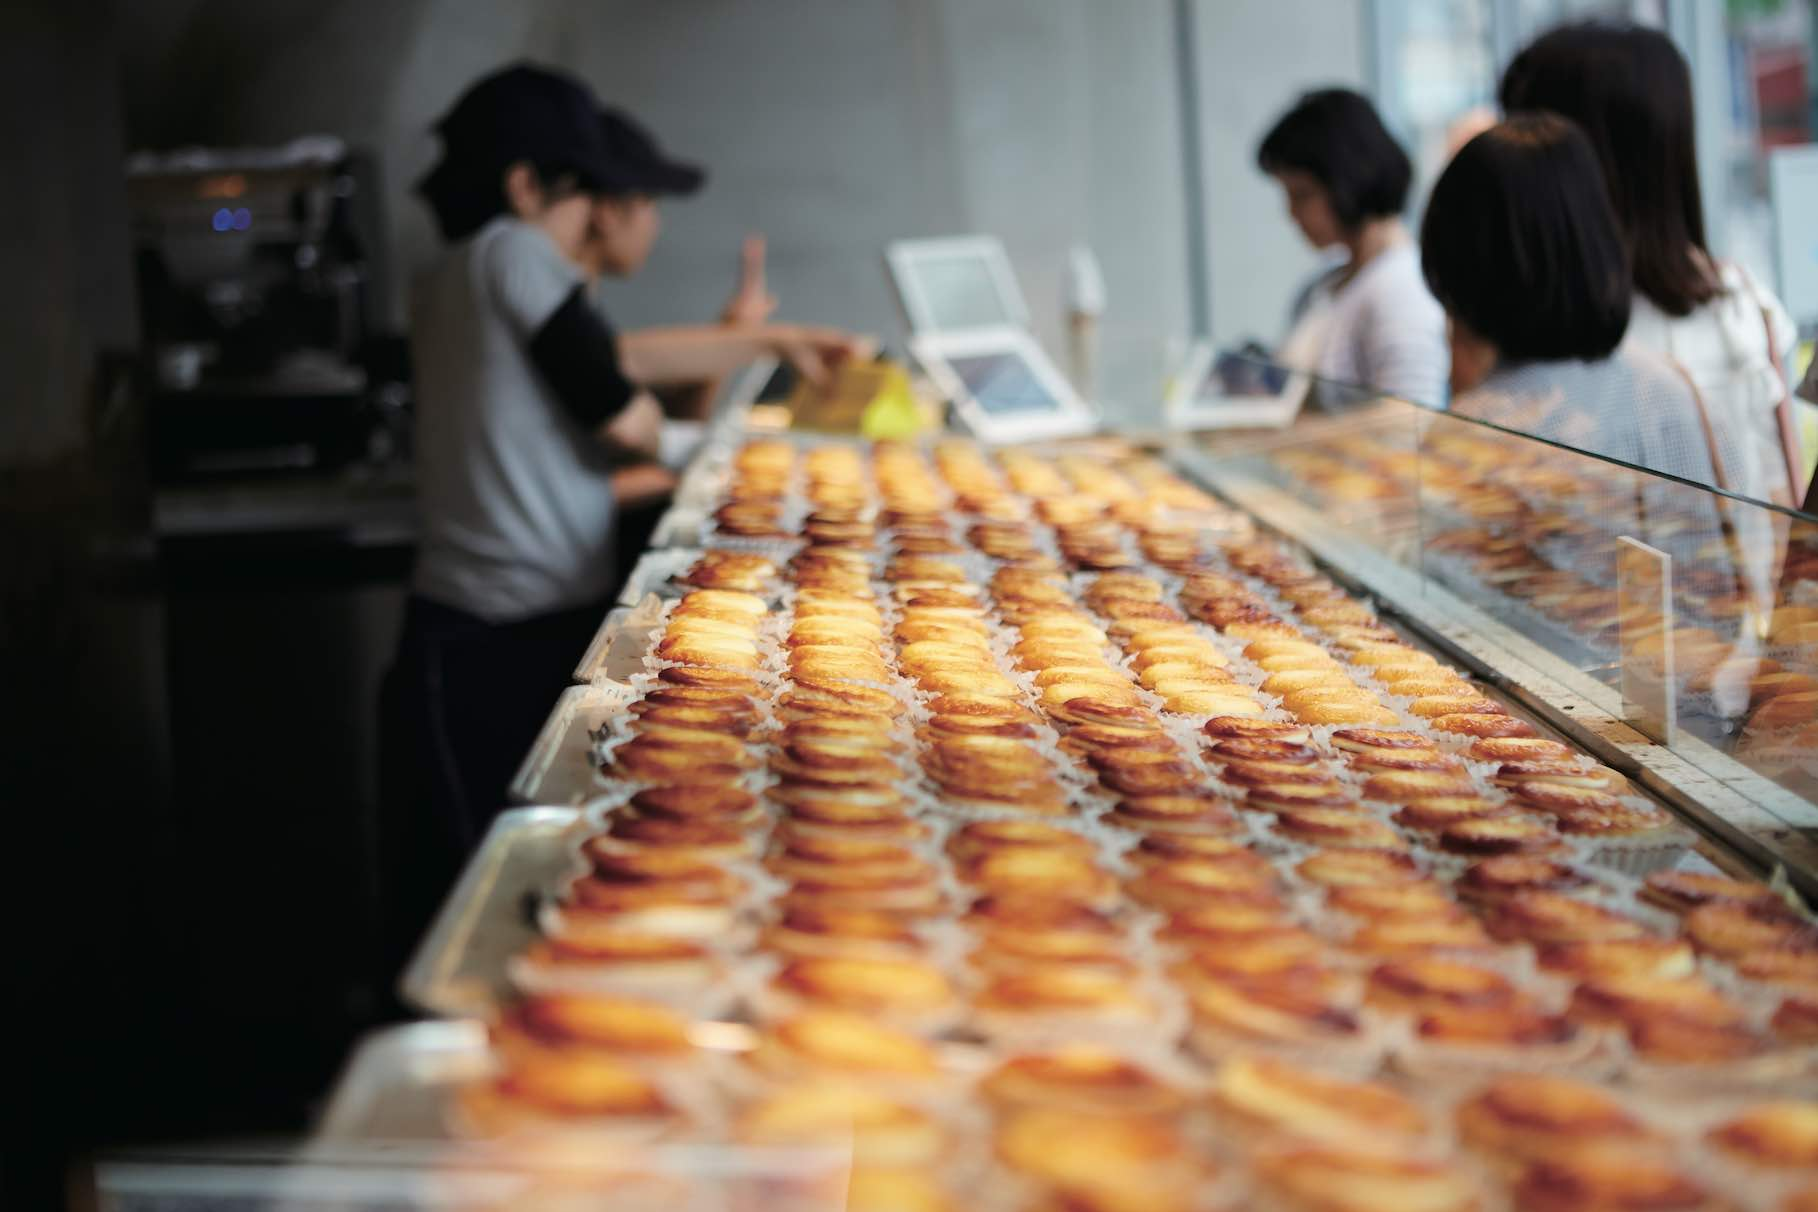 hokkaido-bake-cheese-tarts-in-westgate-singapore-aspirantsg